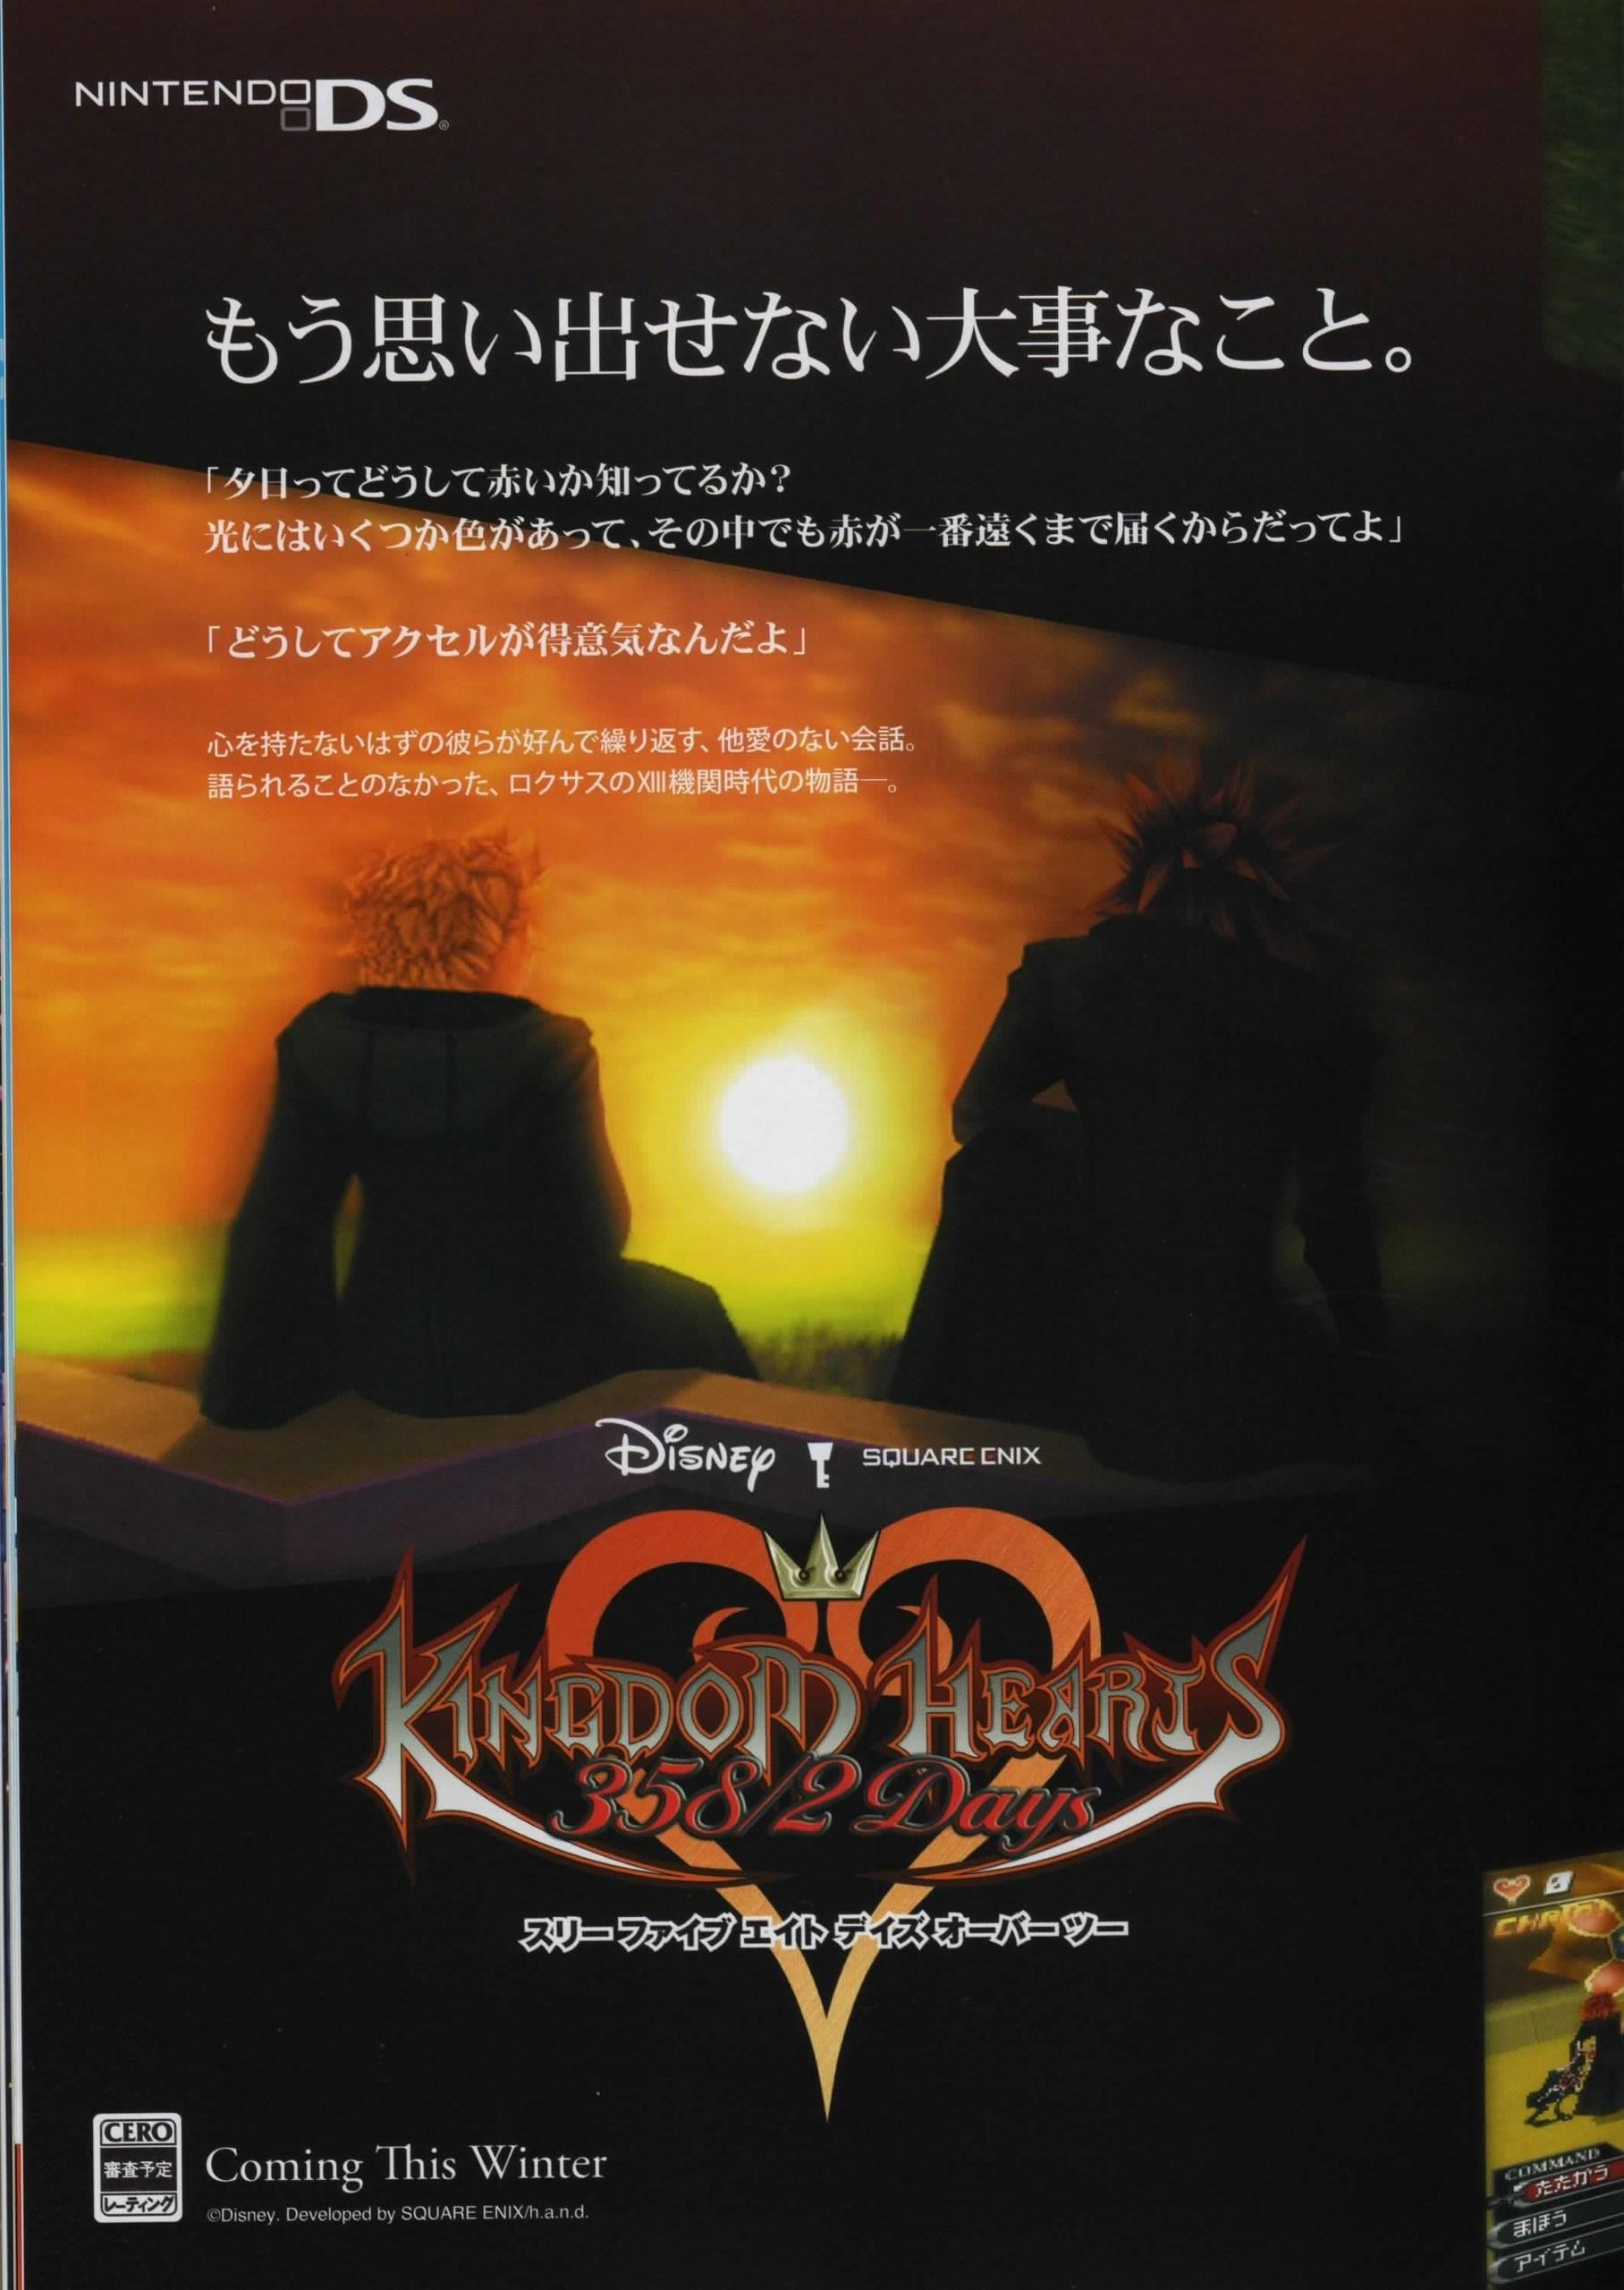 Tokyo Game Zeigen 2008 Booklet ~Kingdom Hearts 358/2 Days~